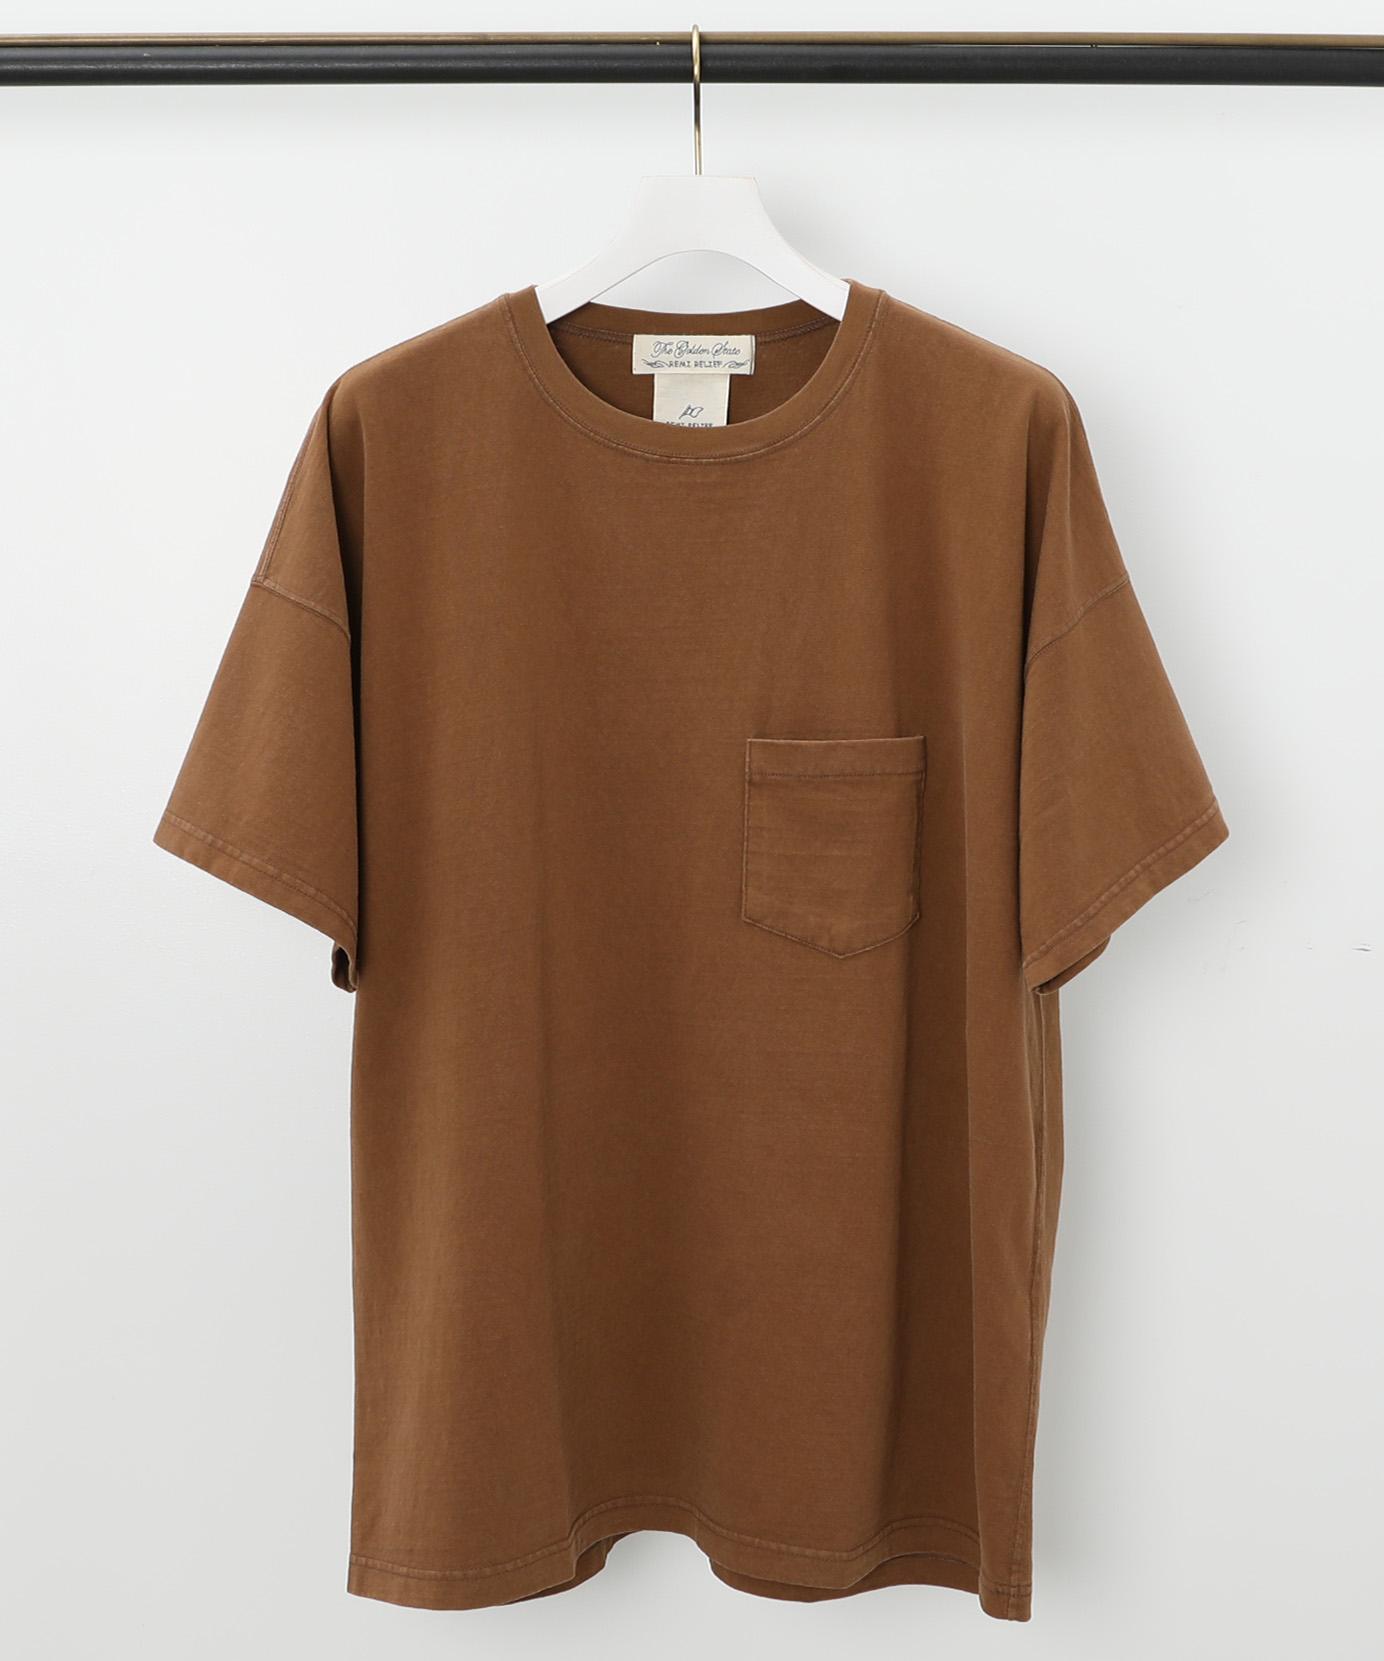 レミレリーフ REMI RELIEF / 別注ビッグシルエットTシャツ